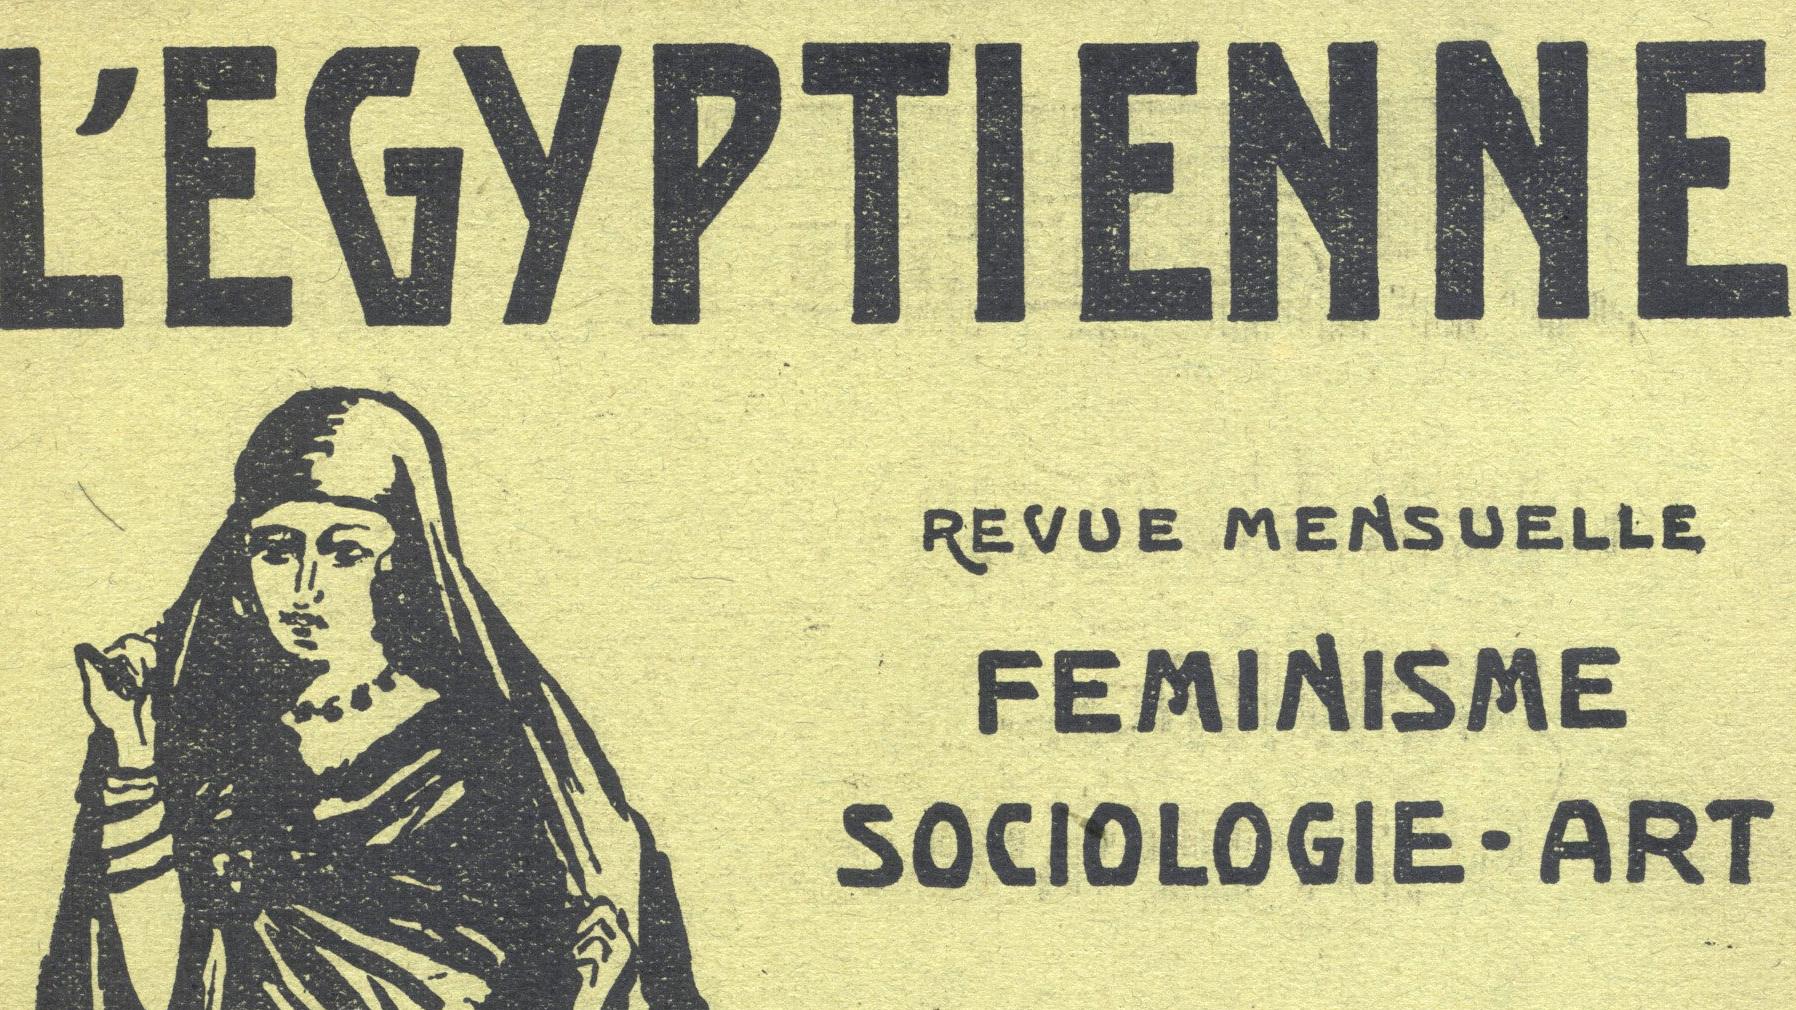 L%252527Egyptienne.jpg